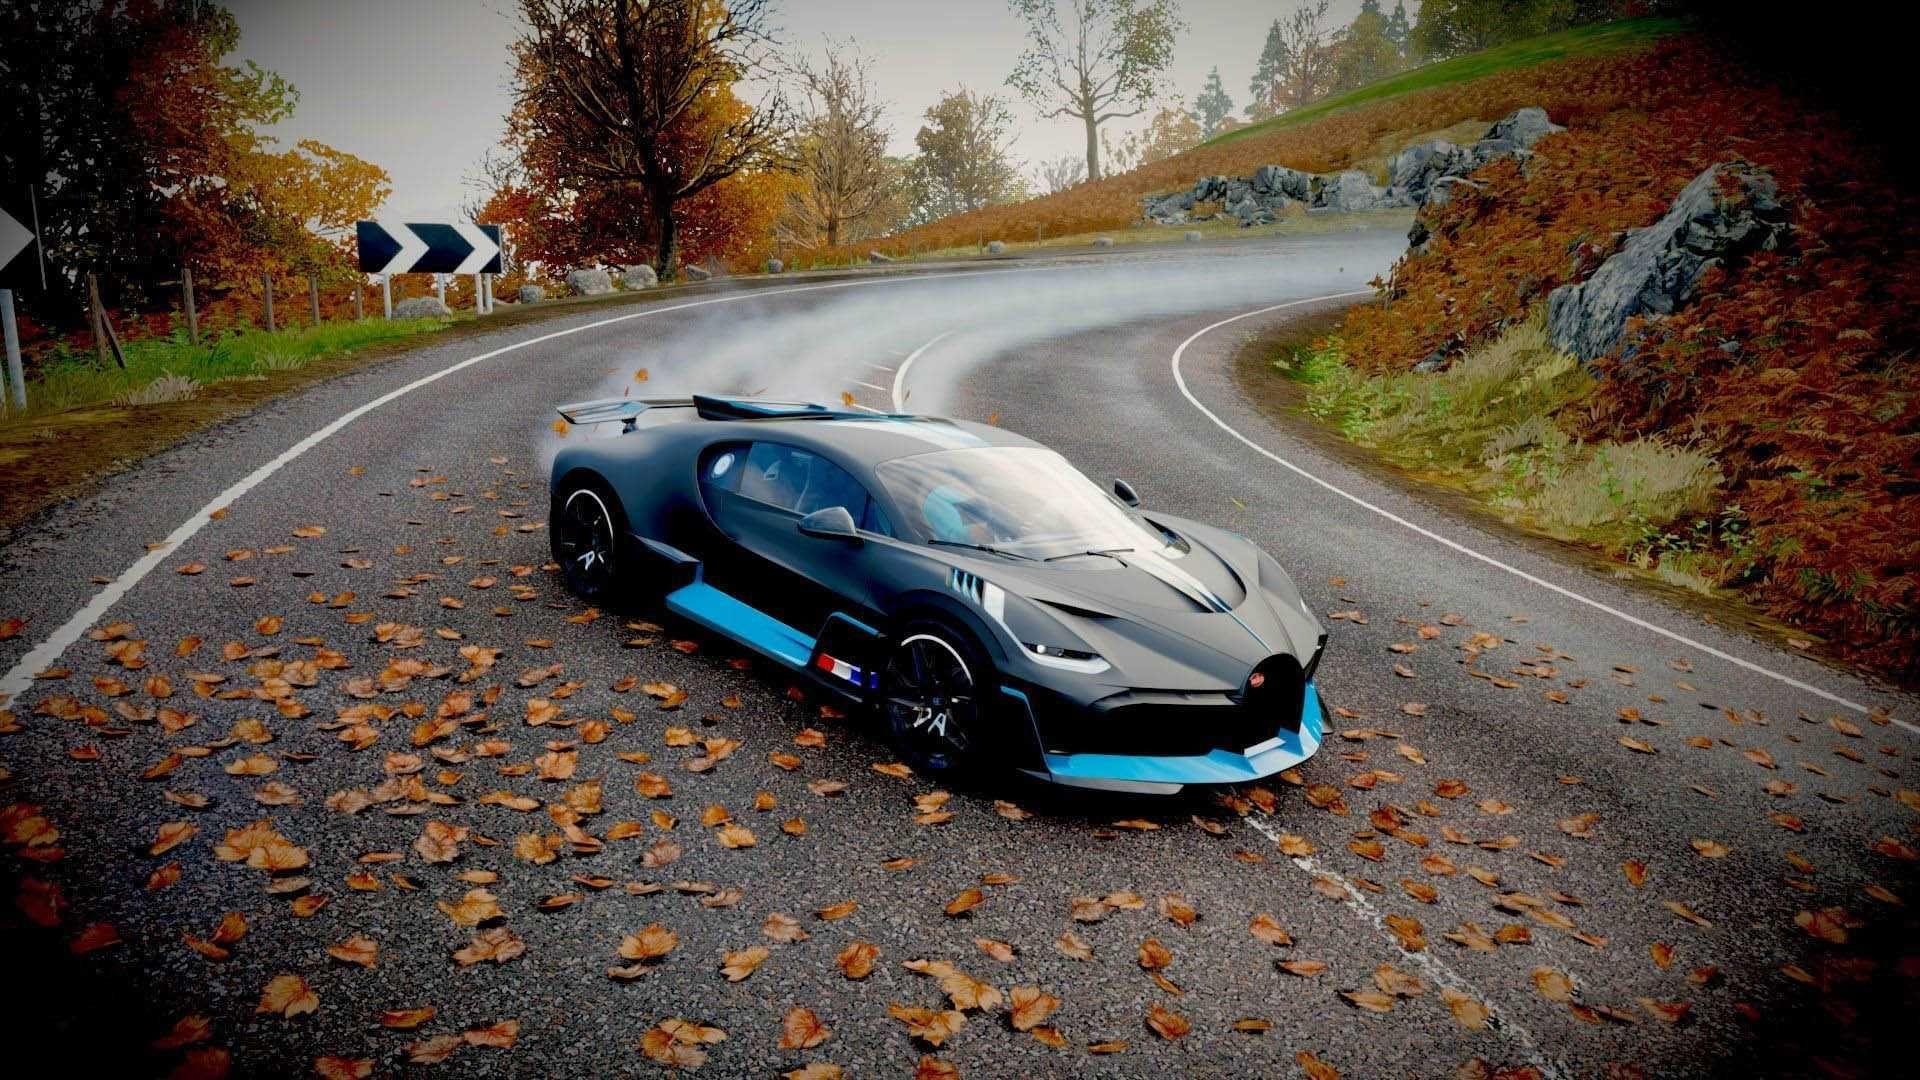 Bugatti Divo Wallpaper Download Bugatti Divo Wallpaper For Free Discover More Bugatti Bugatti Divo Car Cars Divo Wal In 2021 Forza Horizon Forza Horizon 4 Bugatti